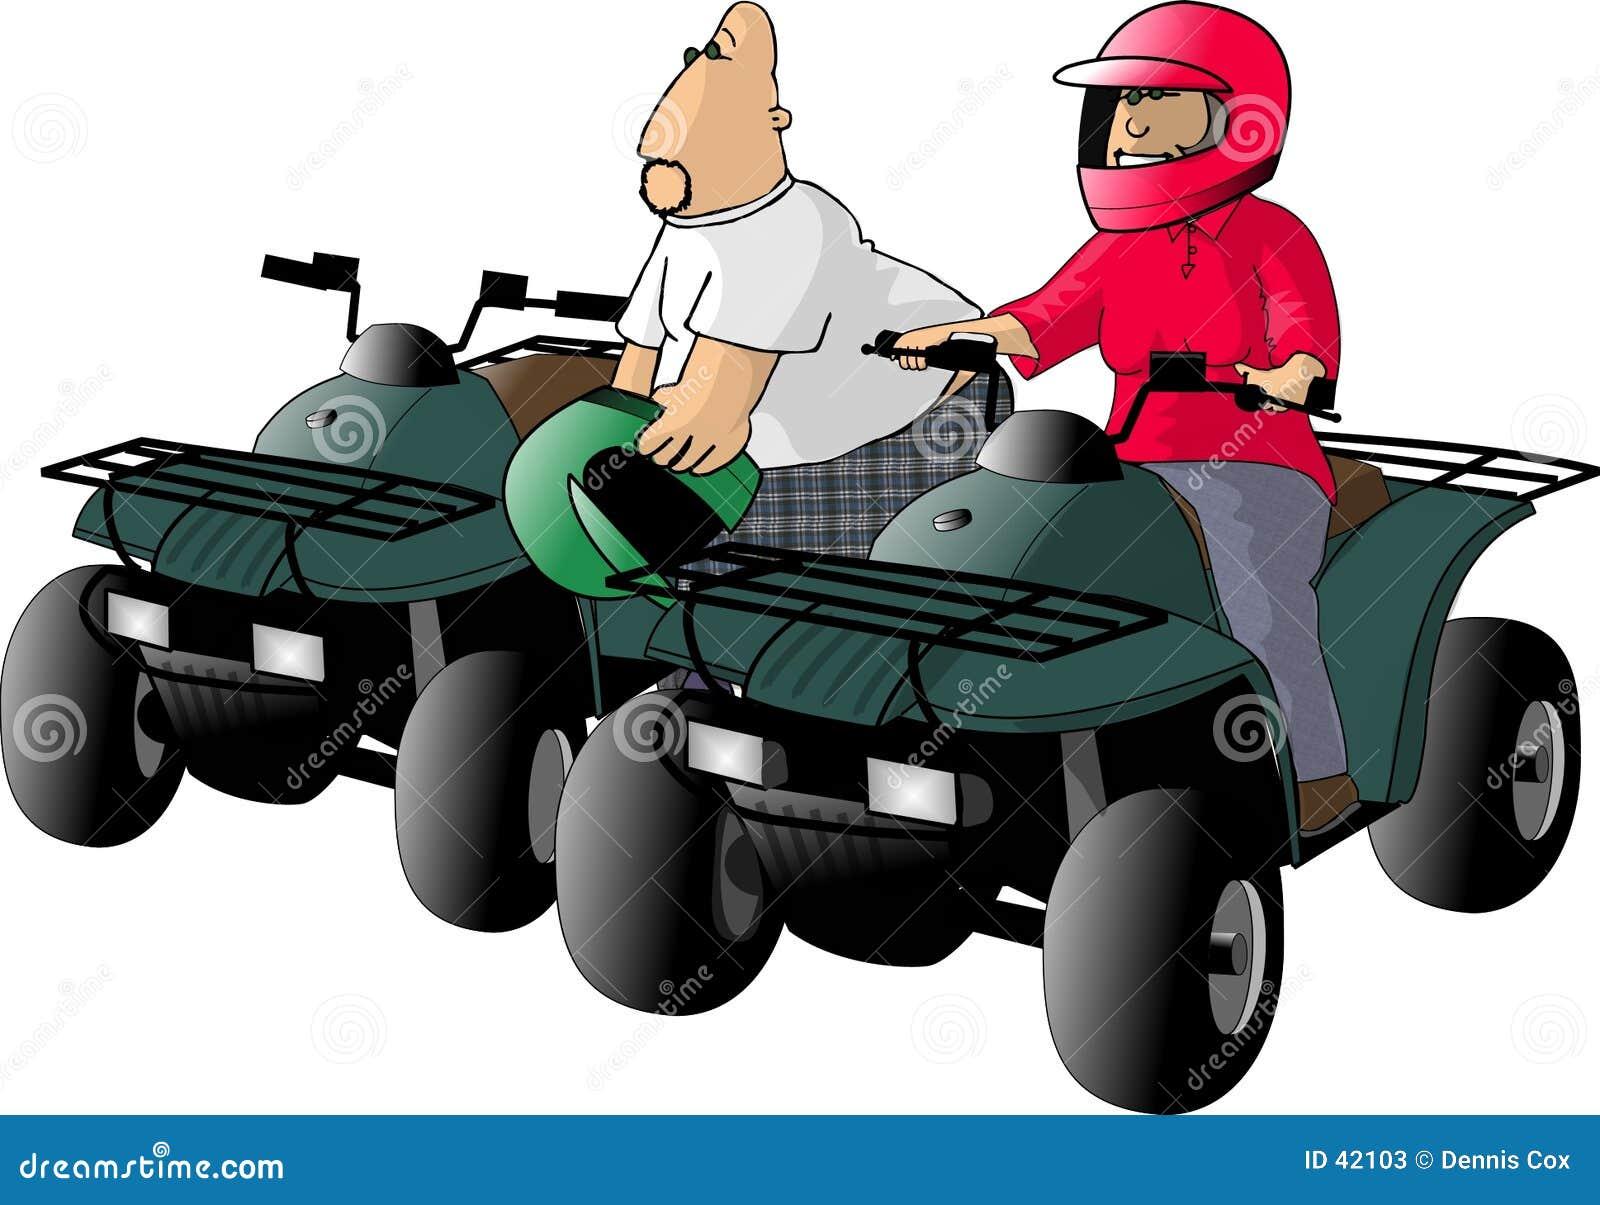 Ruiters ATV